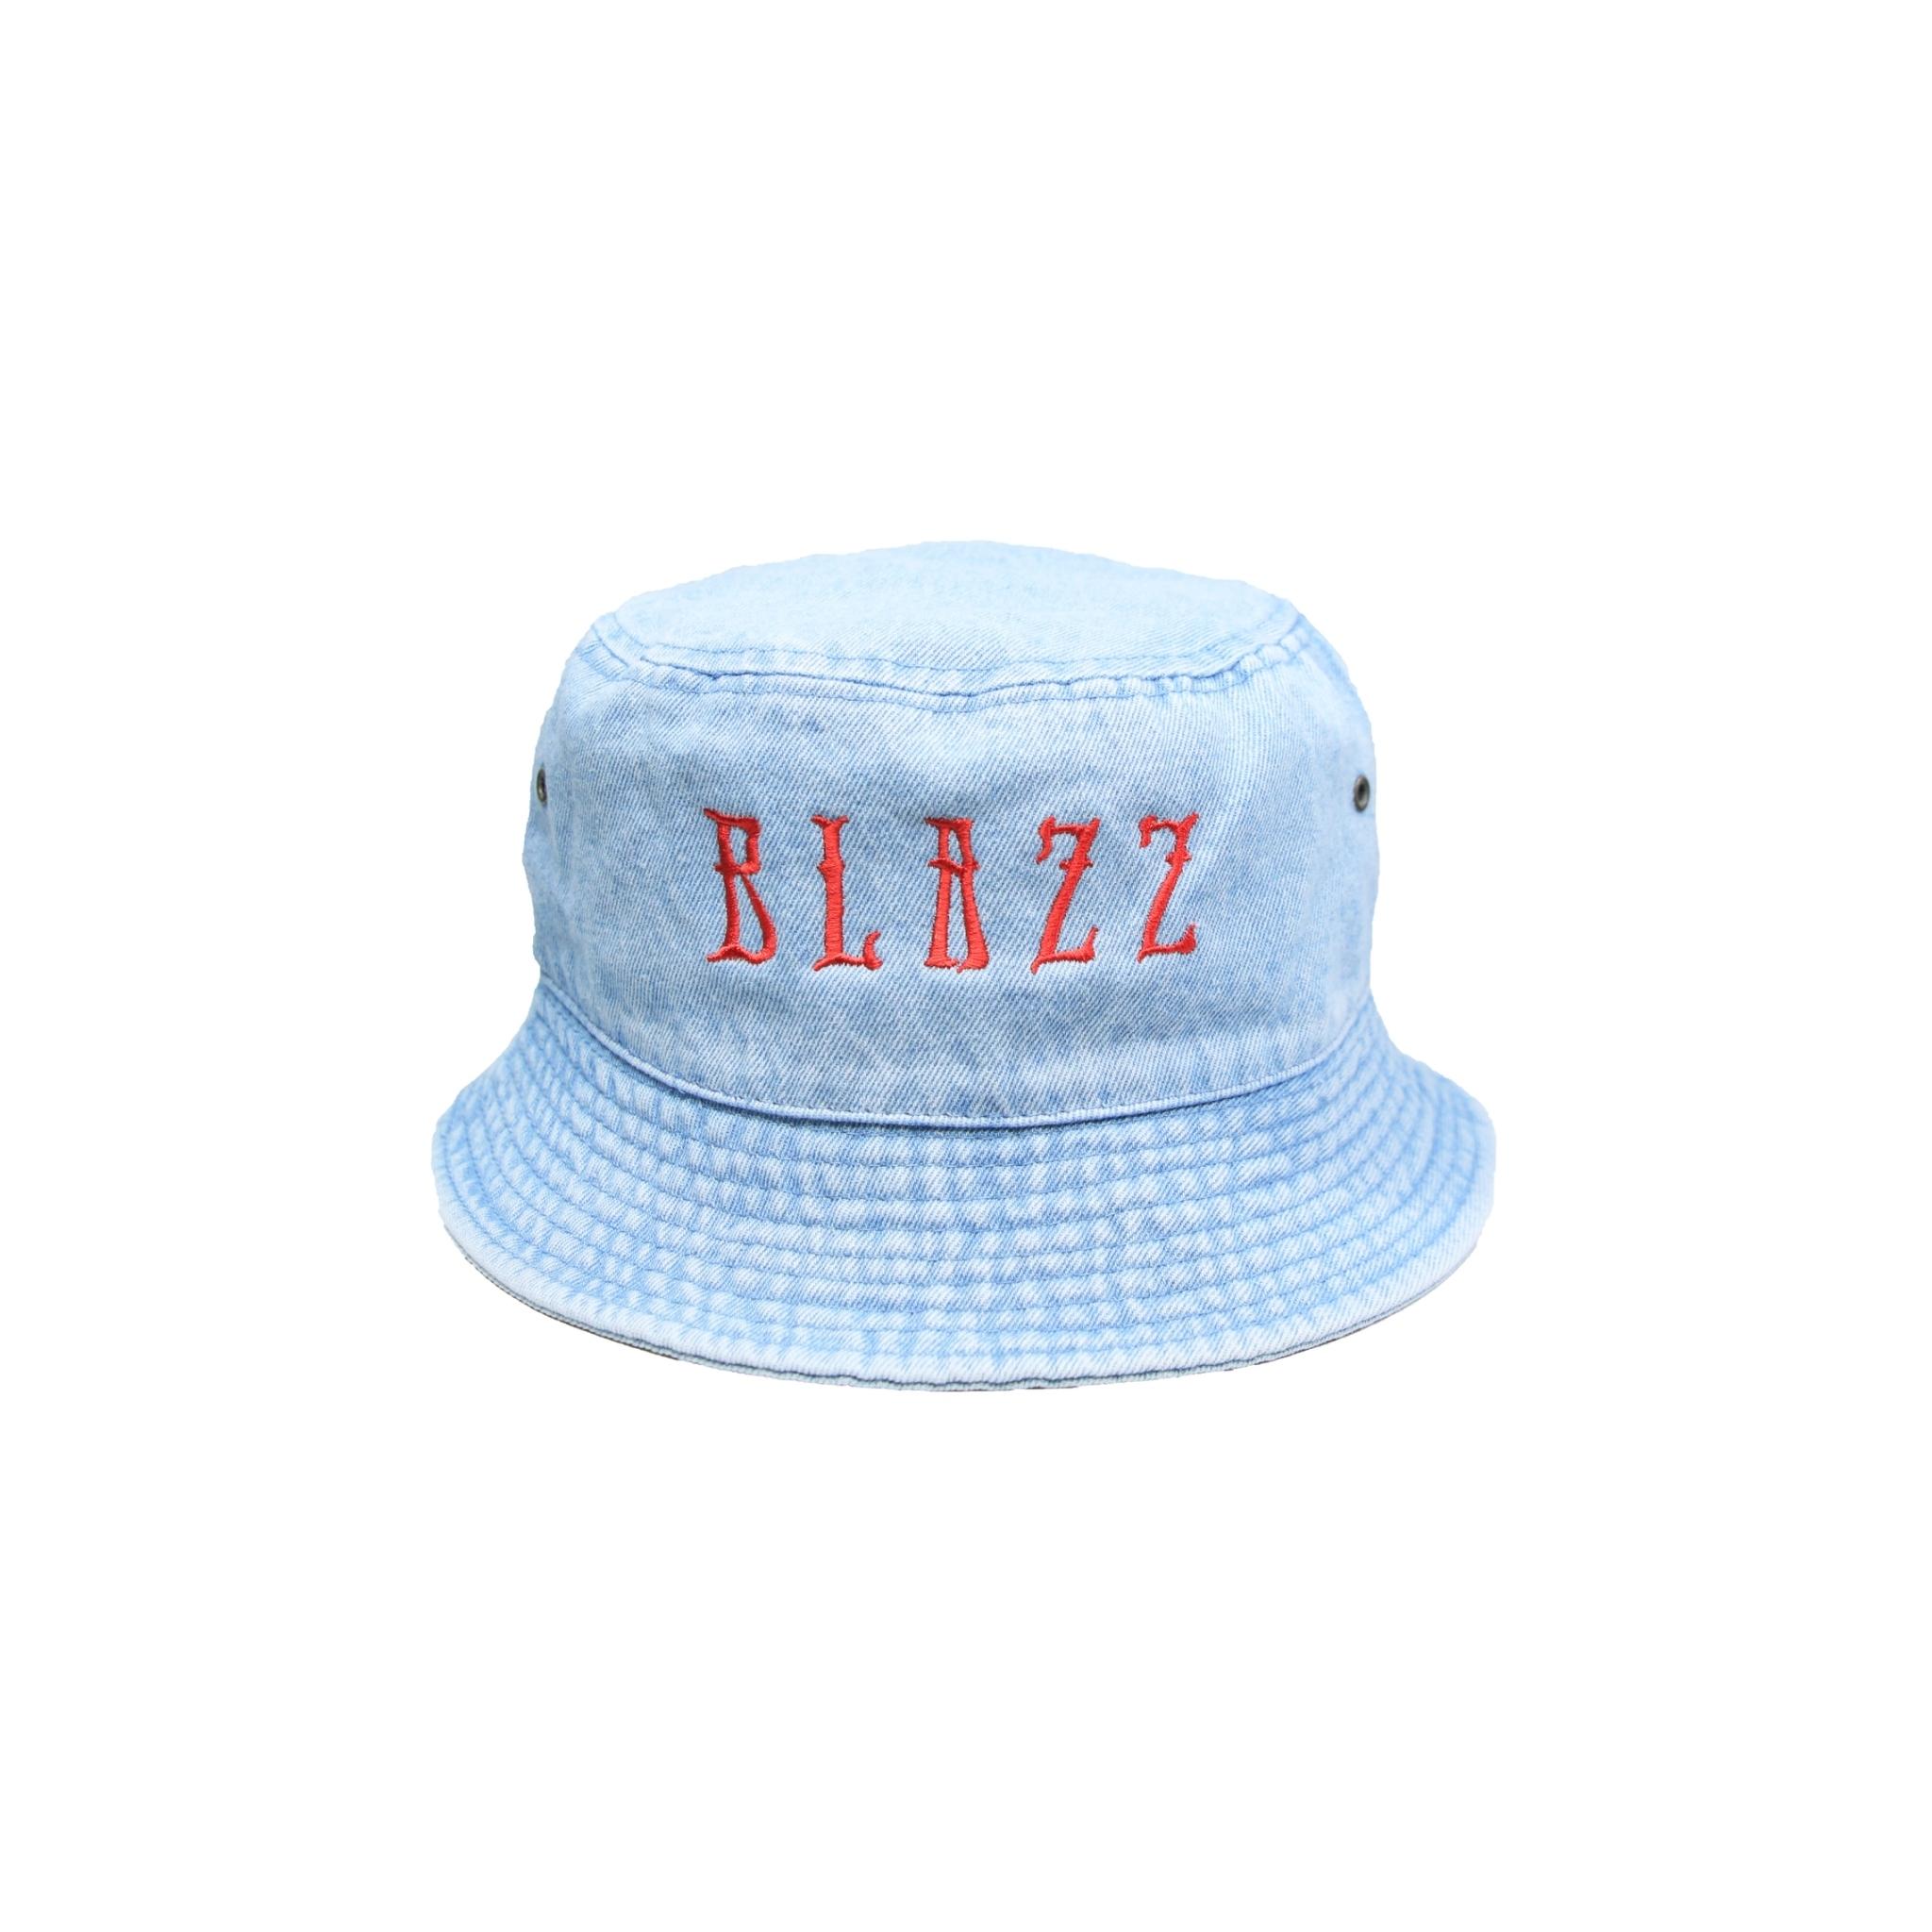 EURO BLAZZ DENIM BUCKET HAT [WASHED]